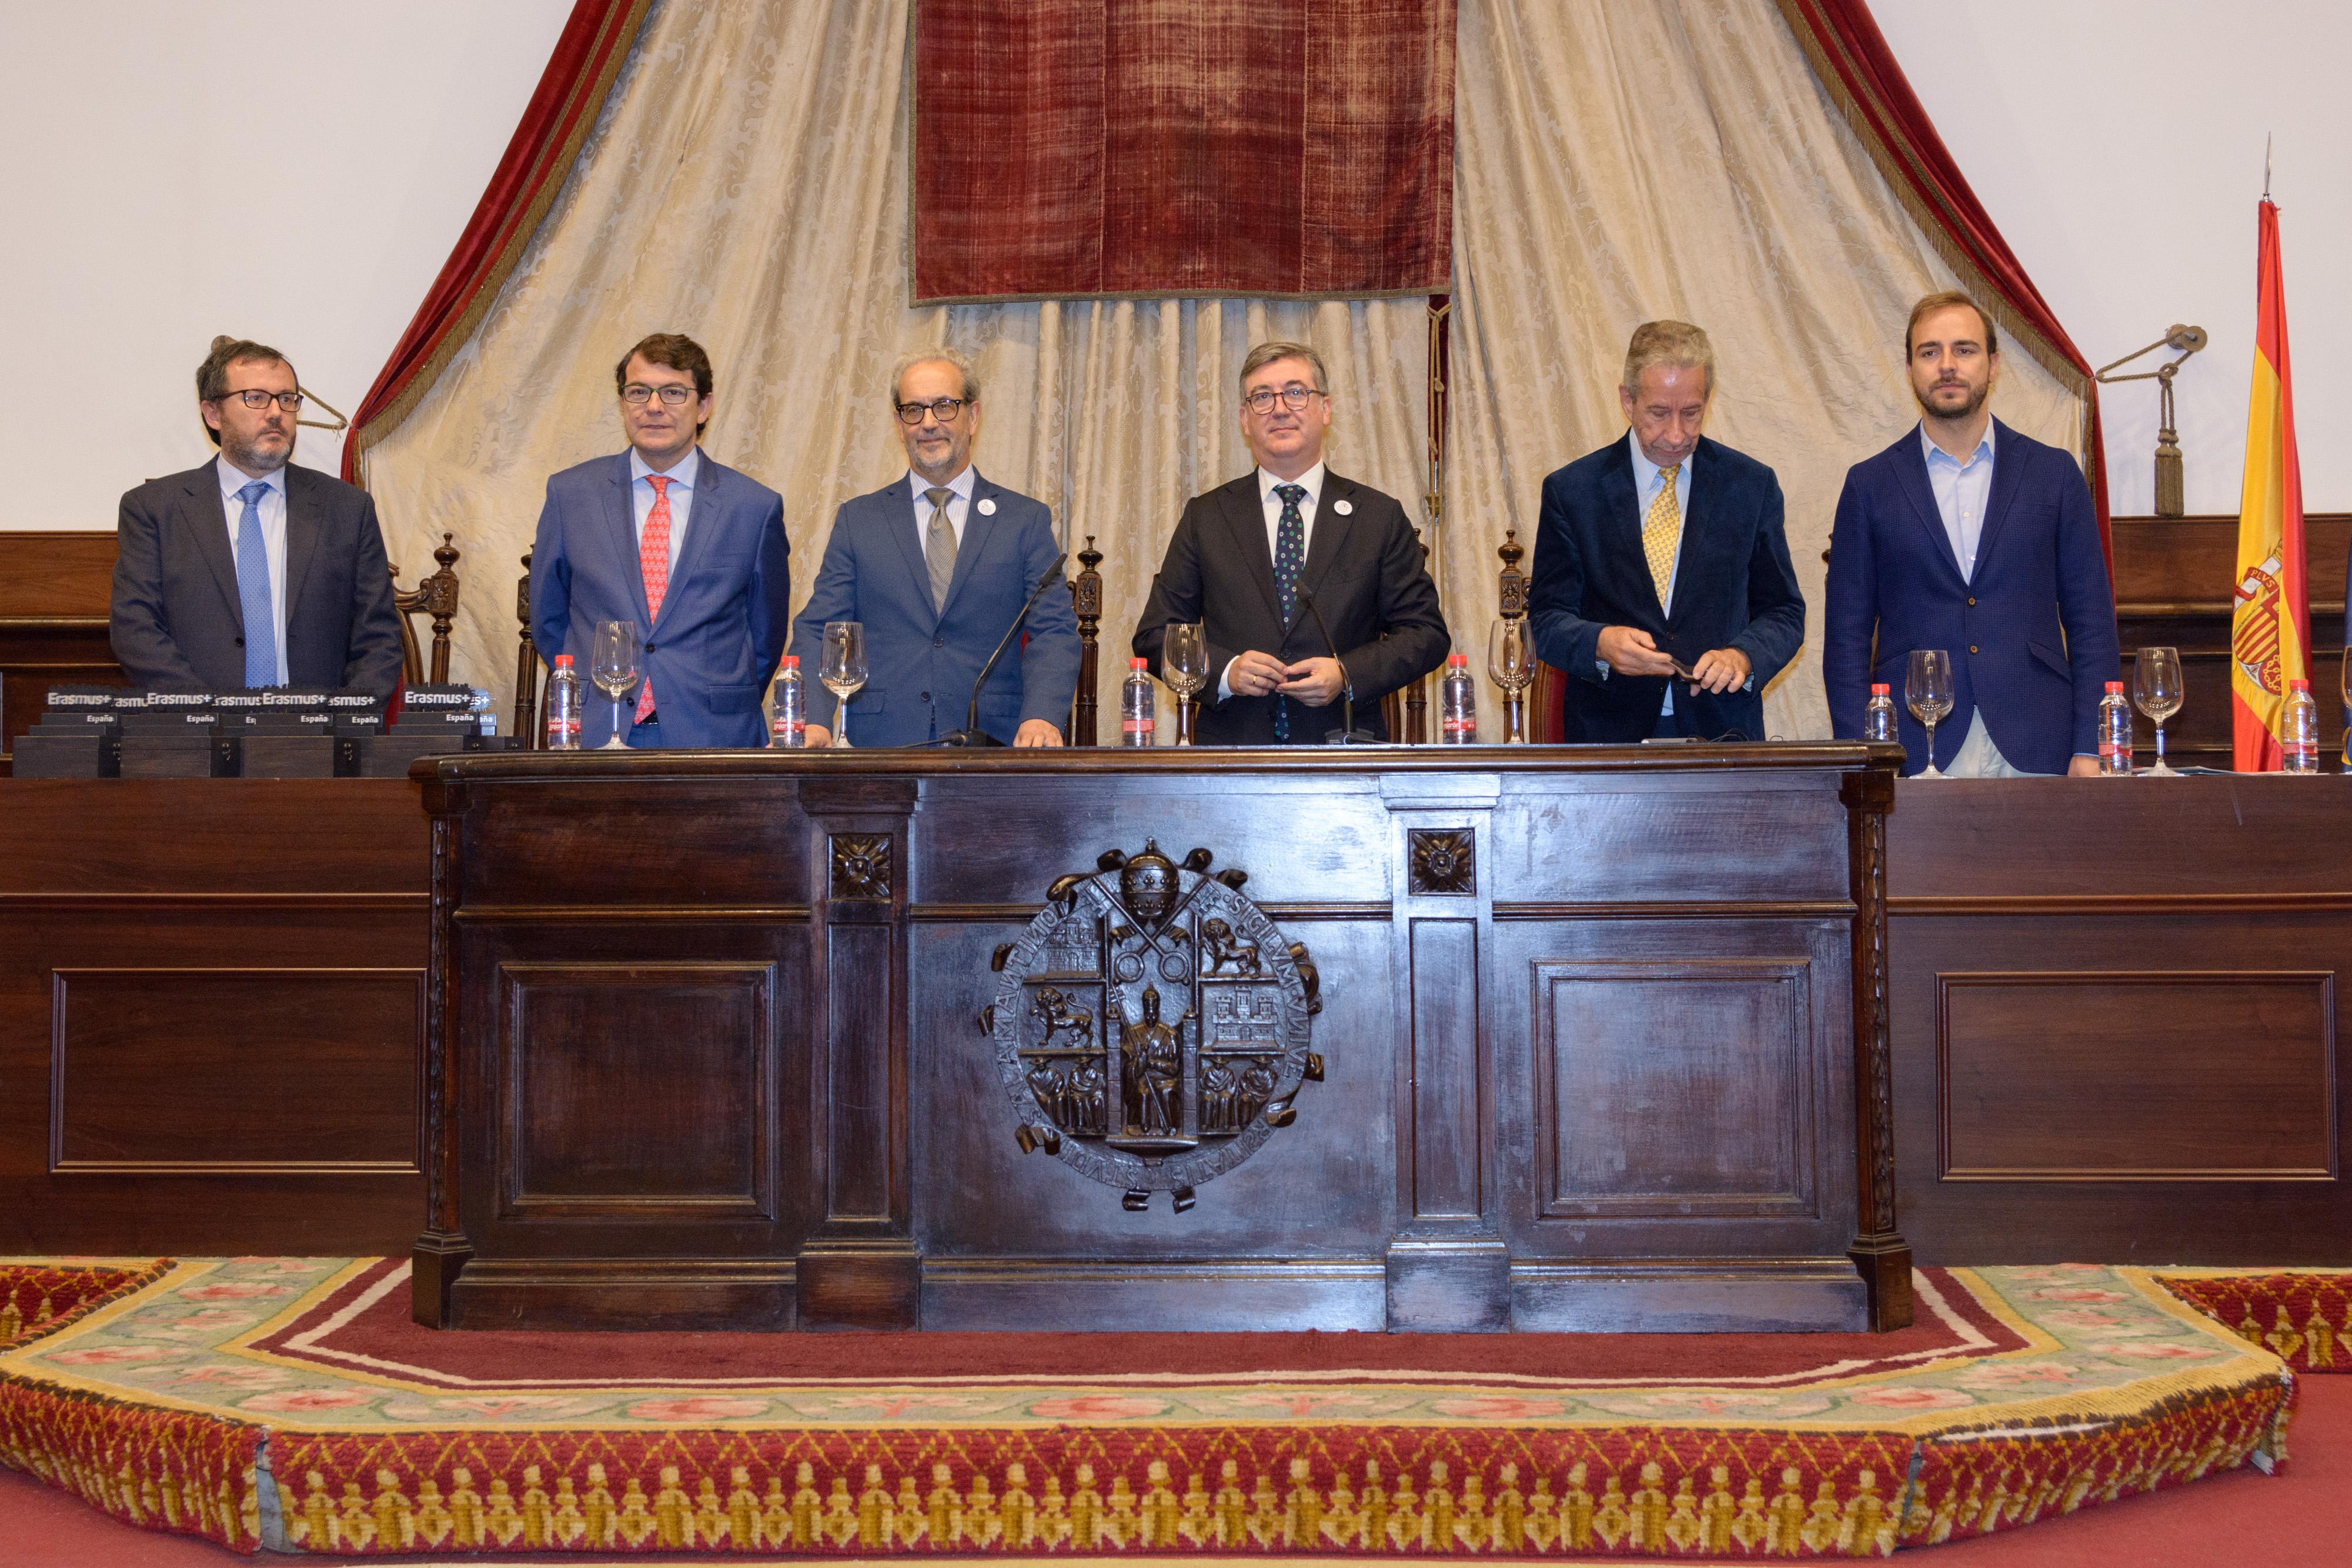 La Universidad de Salamanca acoge el acto de celebración del 30 aniversario del programa Erasmus+